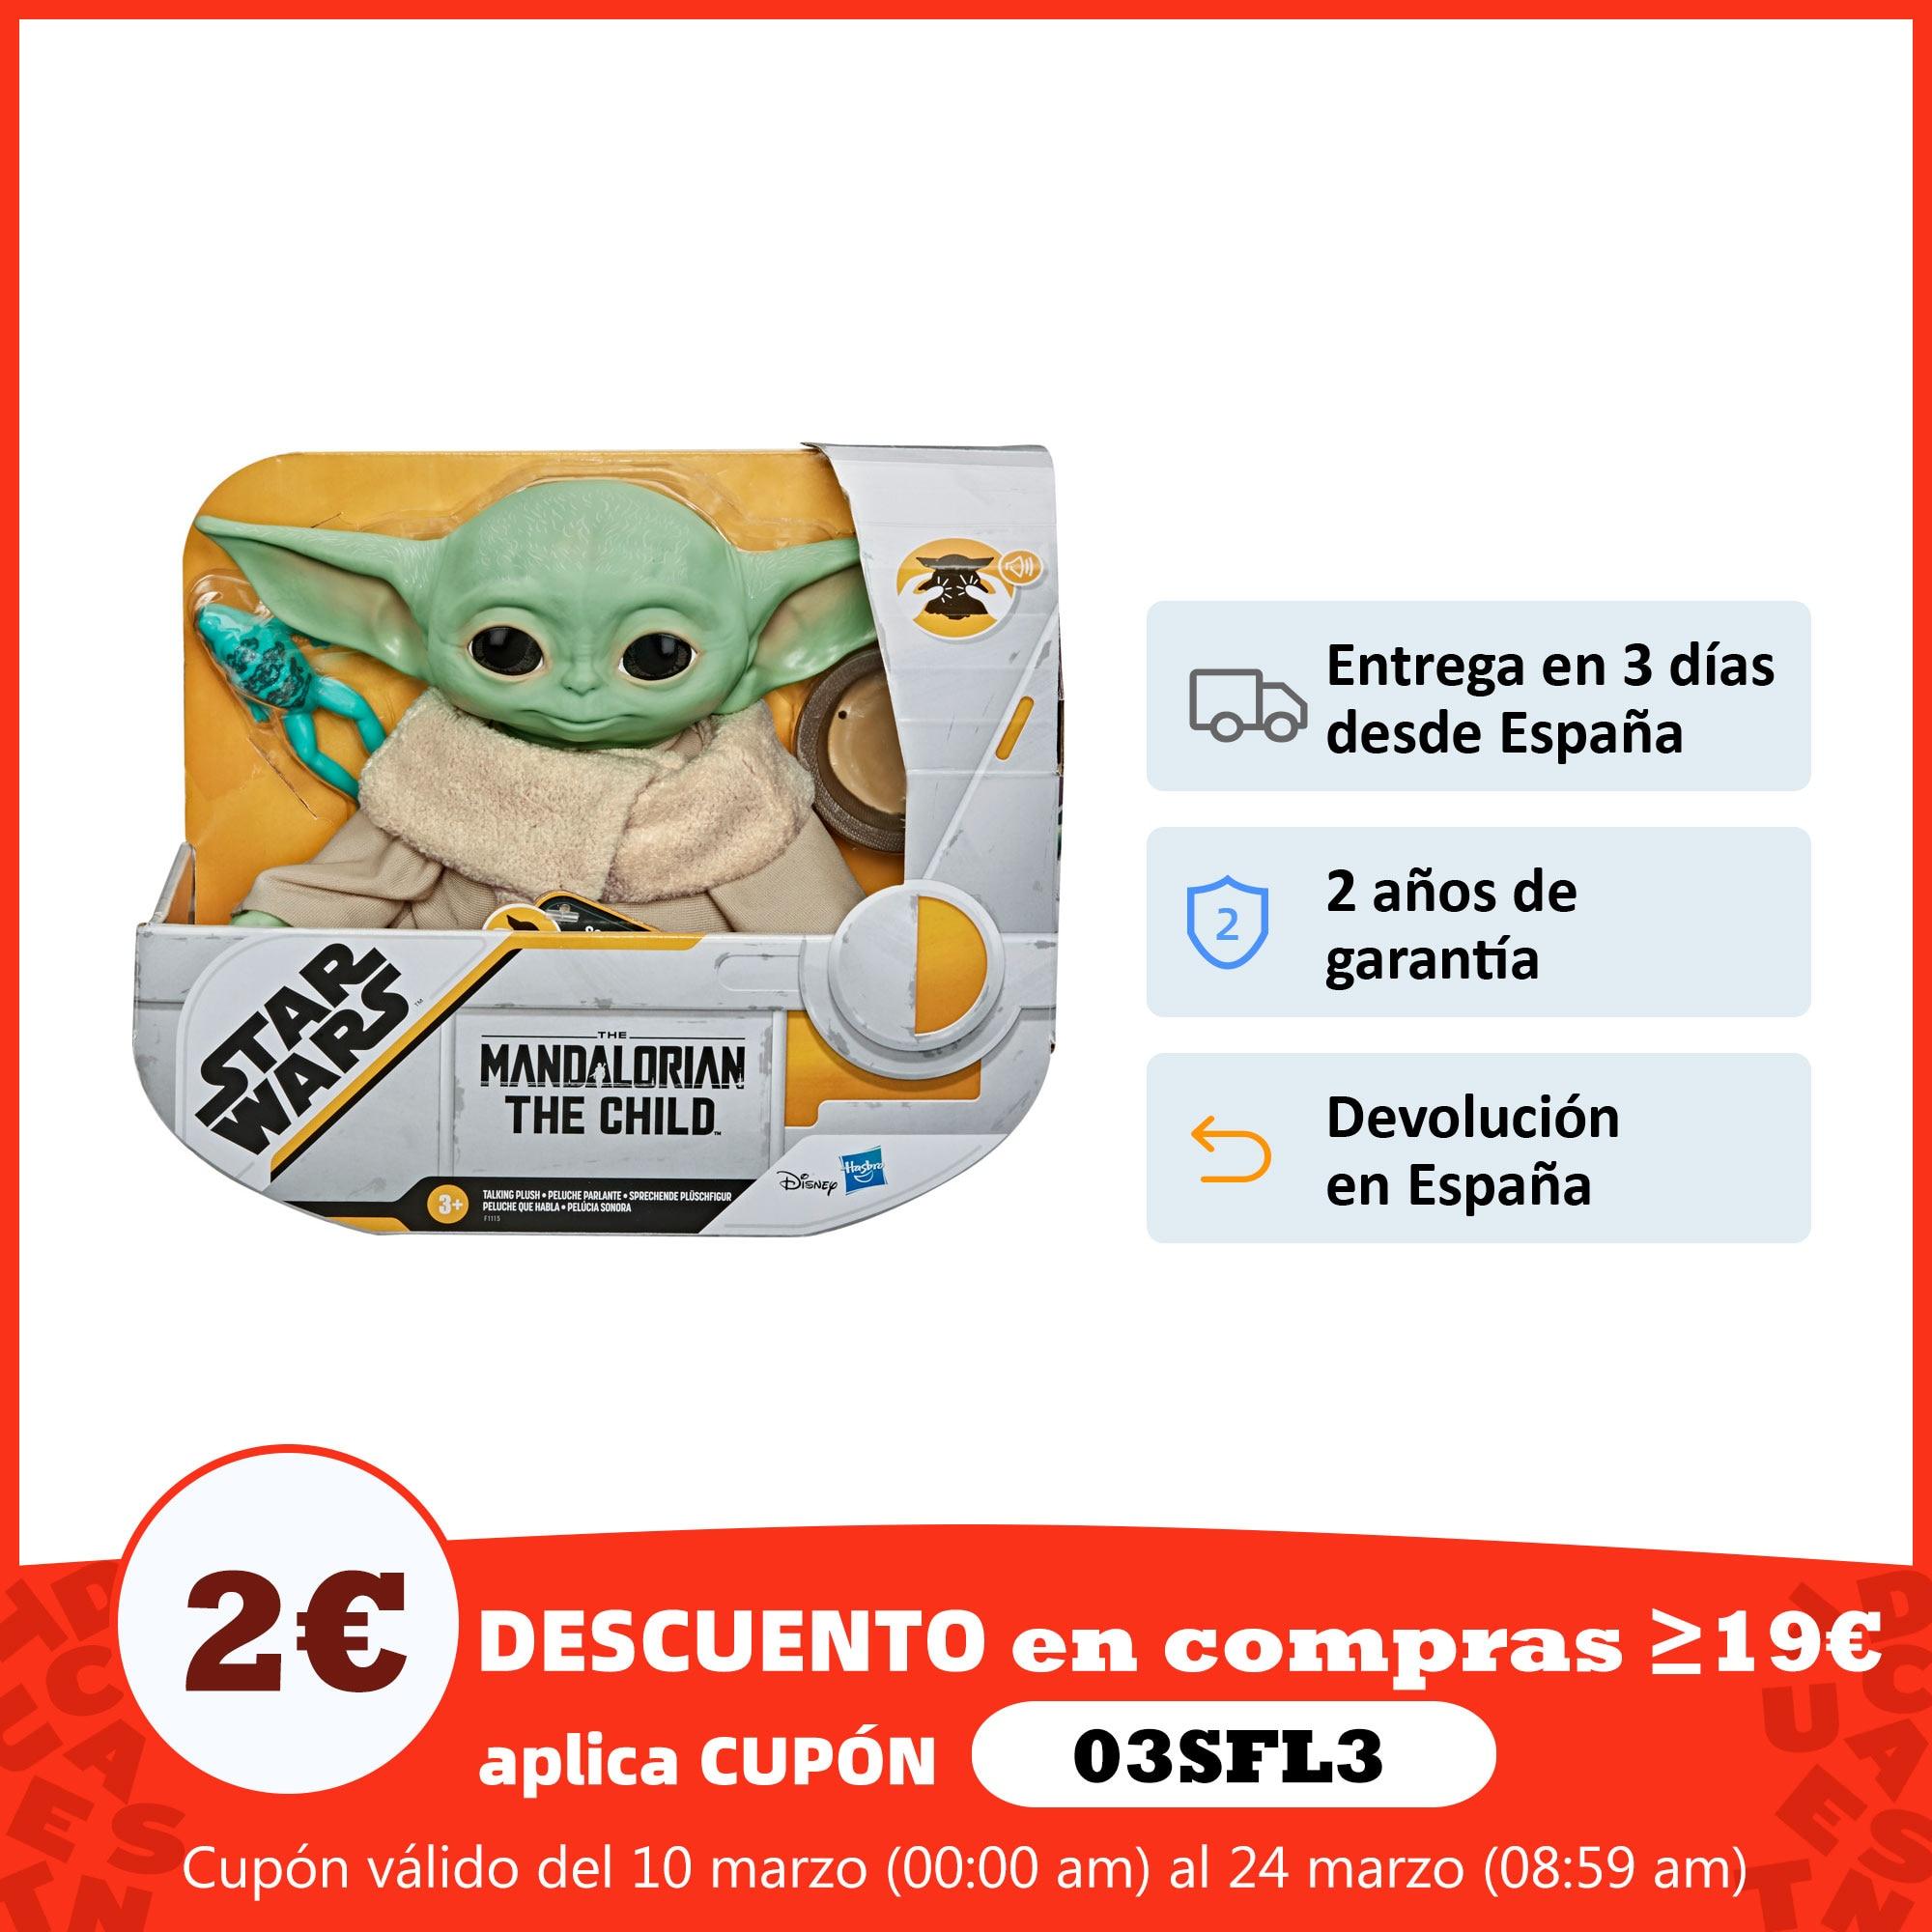 Hasbro Original Peluche Baby Yoda Figura Star Wars The Mandalorian 3 AÑOS+ Envío Gratis F11155L0 Figuras de acción  - AliExpress